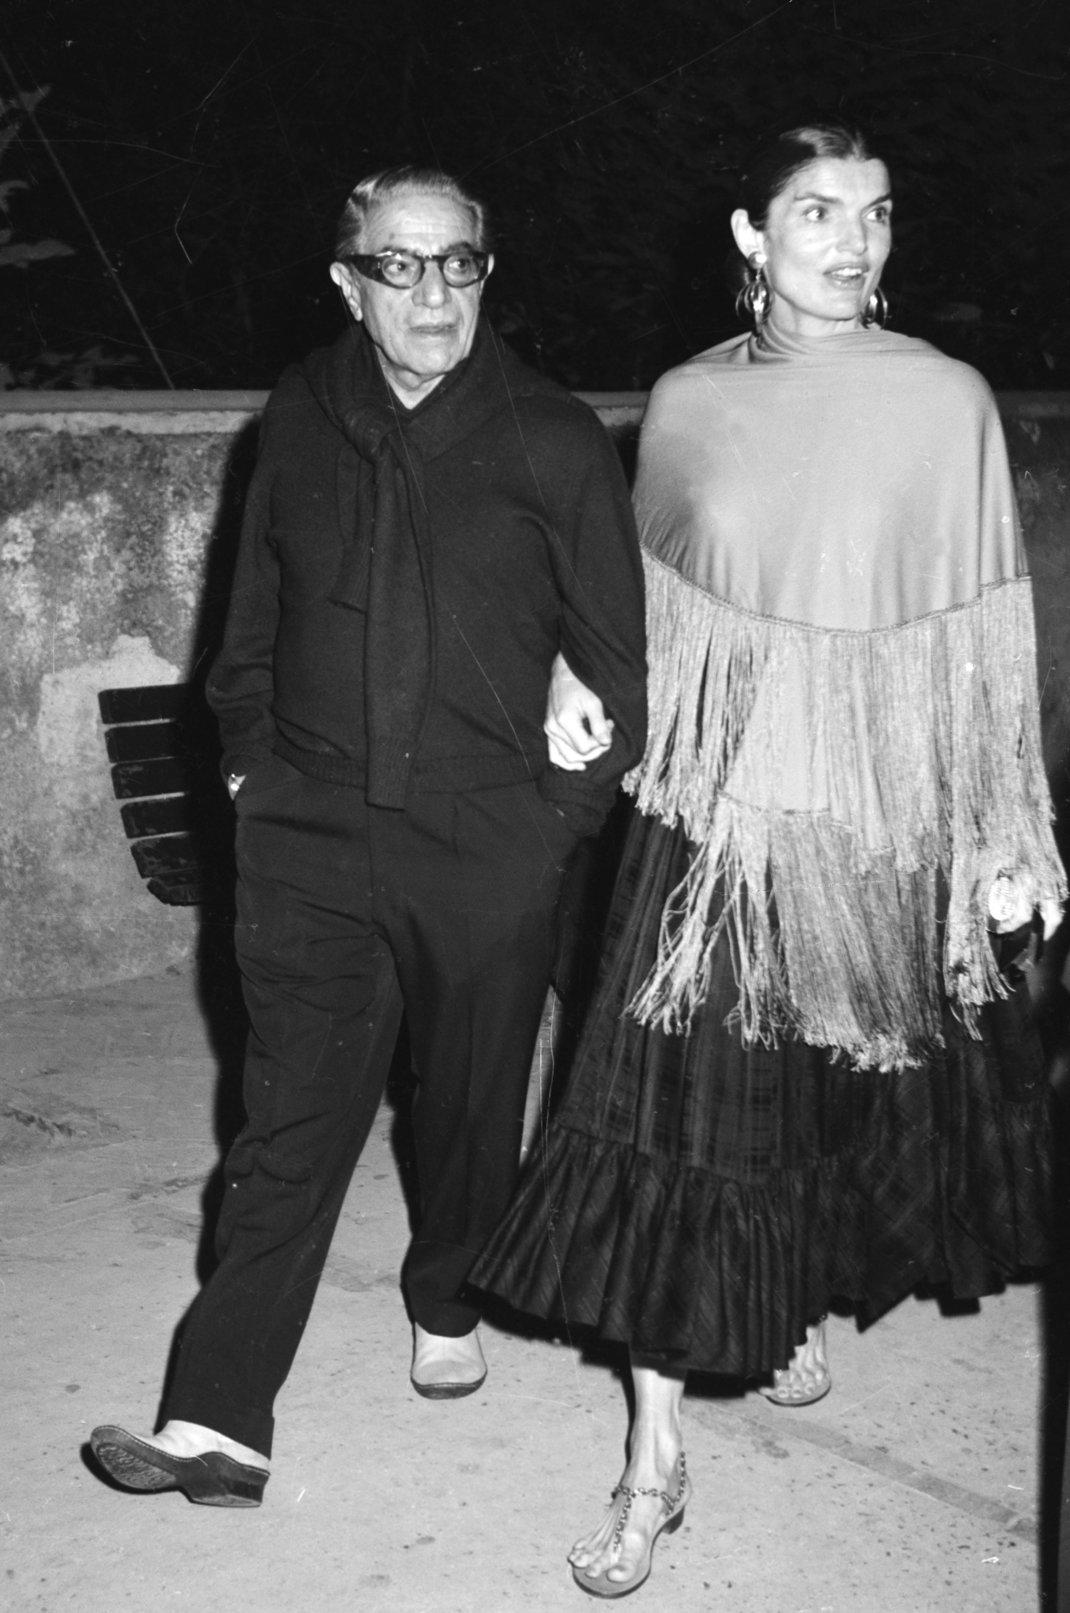 Αριστοτέλης και Τζάκι στο Κάπρι / Φωτογραφία: AP